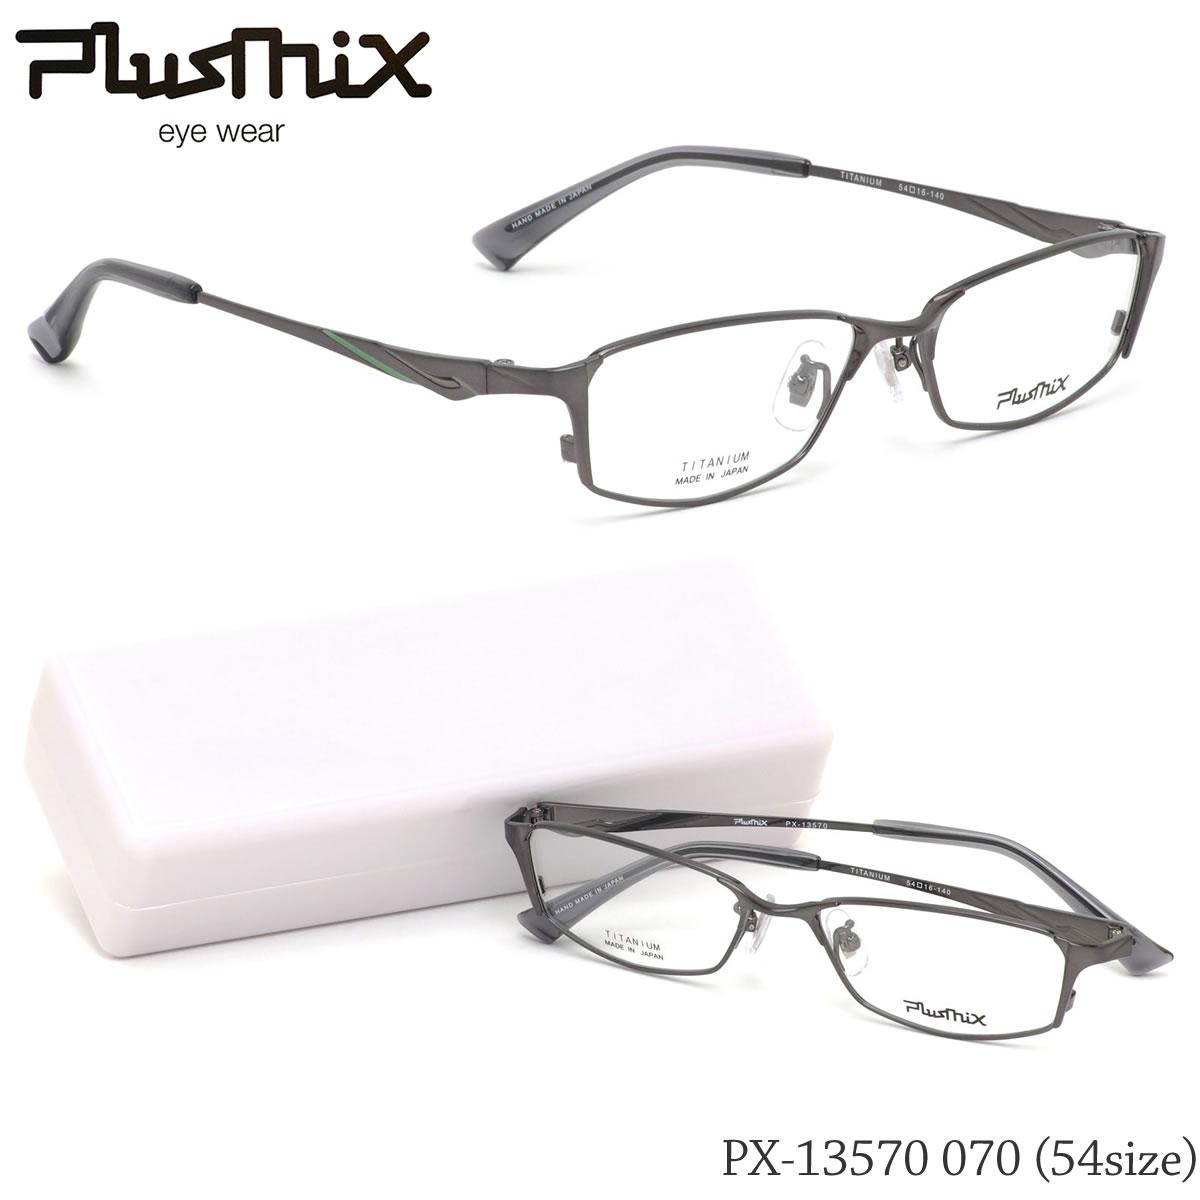 ほぼ全品ポイント15倍~最大43倍+3倍!お得なクーポンも! プラスミックス PlusMix メガネPX-13570 070 54サイズ日本製 シャープ ビジネス ベーシック 特許取得 MADE IN JAPAN伊達メガネレンズ無料 メンズ レディース